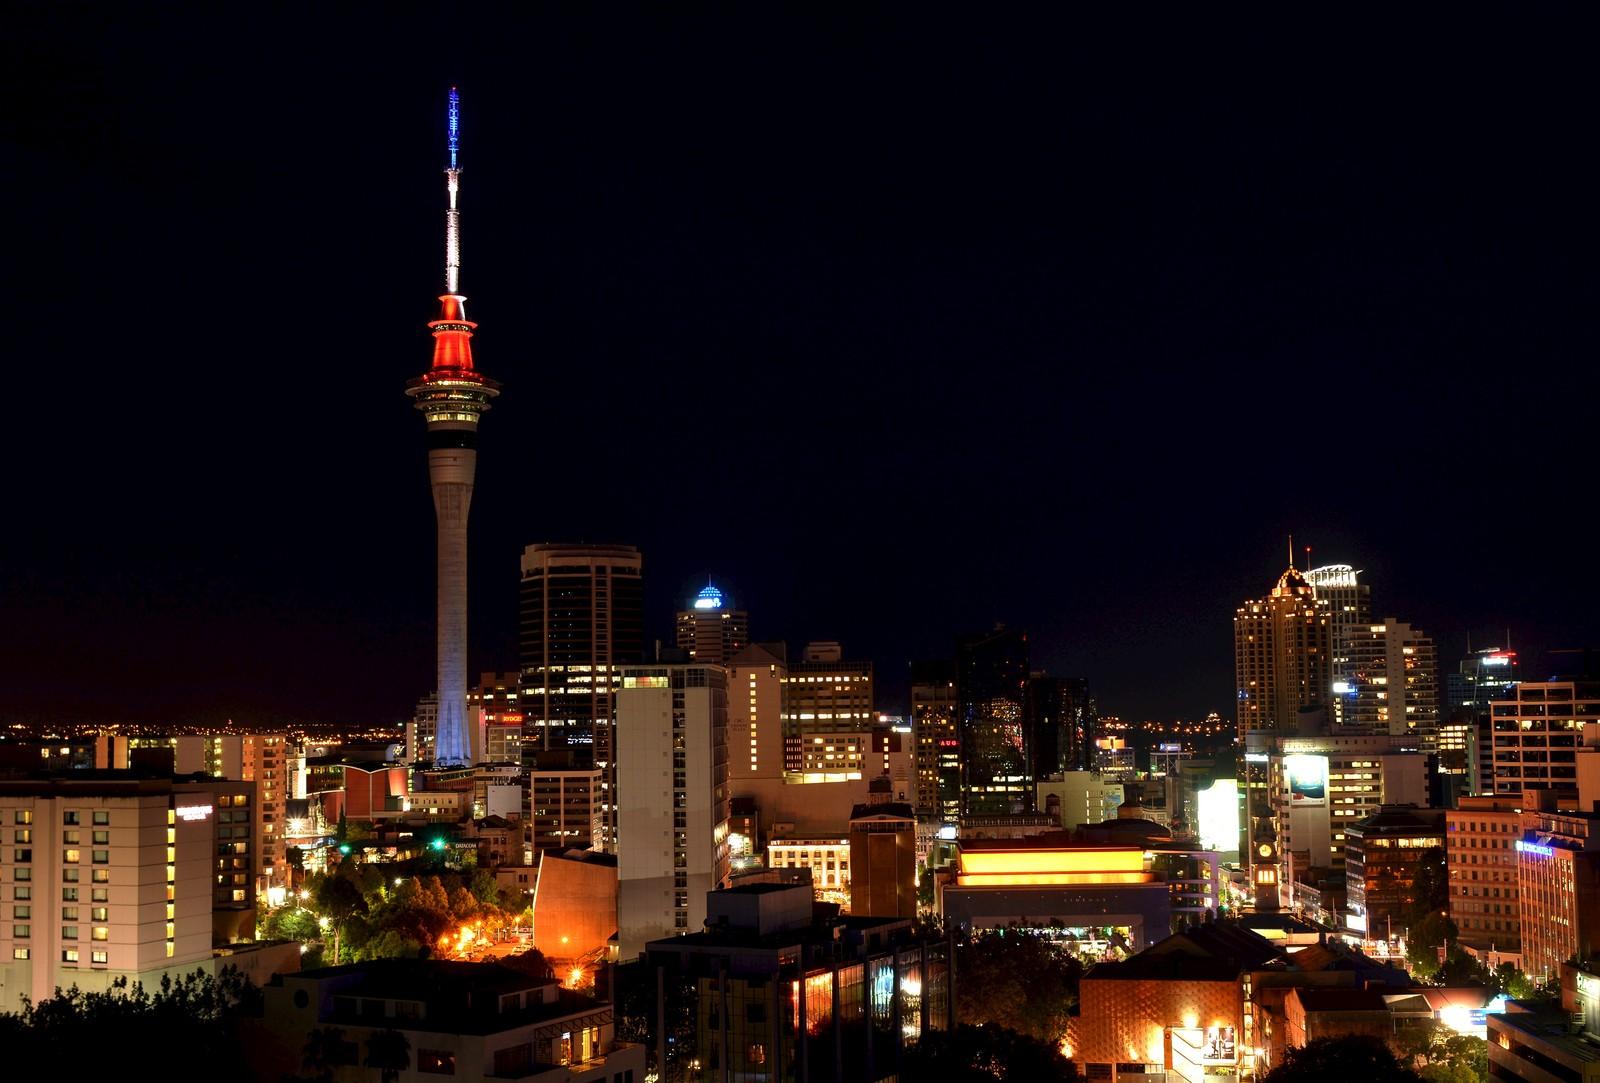 I Auckland, New Zealand lyste tårnet «Sky Tower» opp byen i Frankrikes farger.